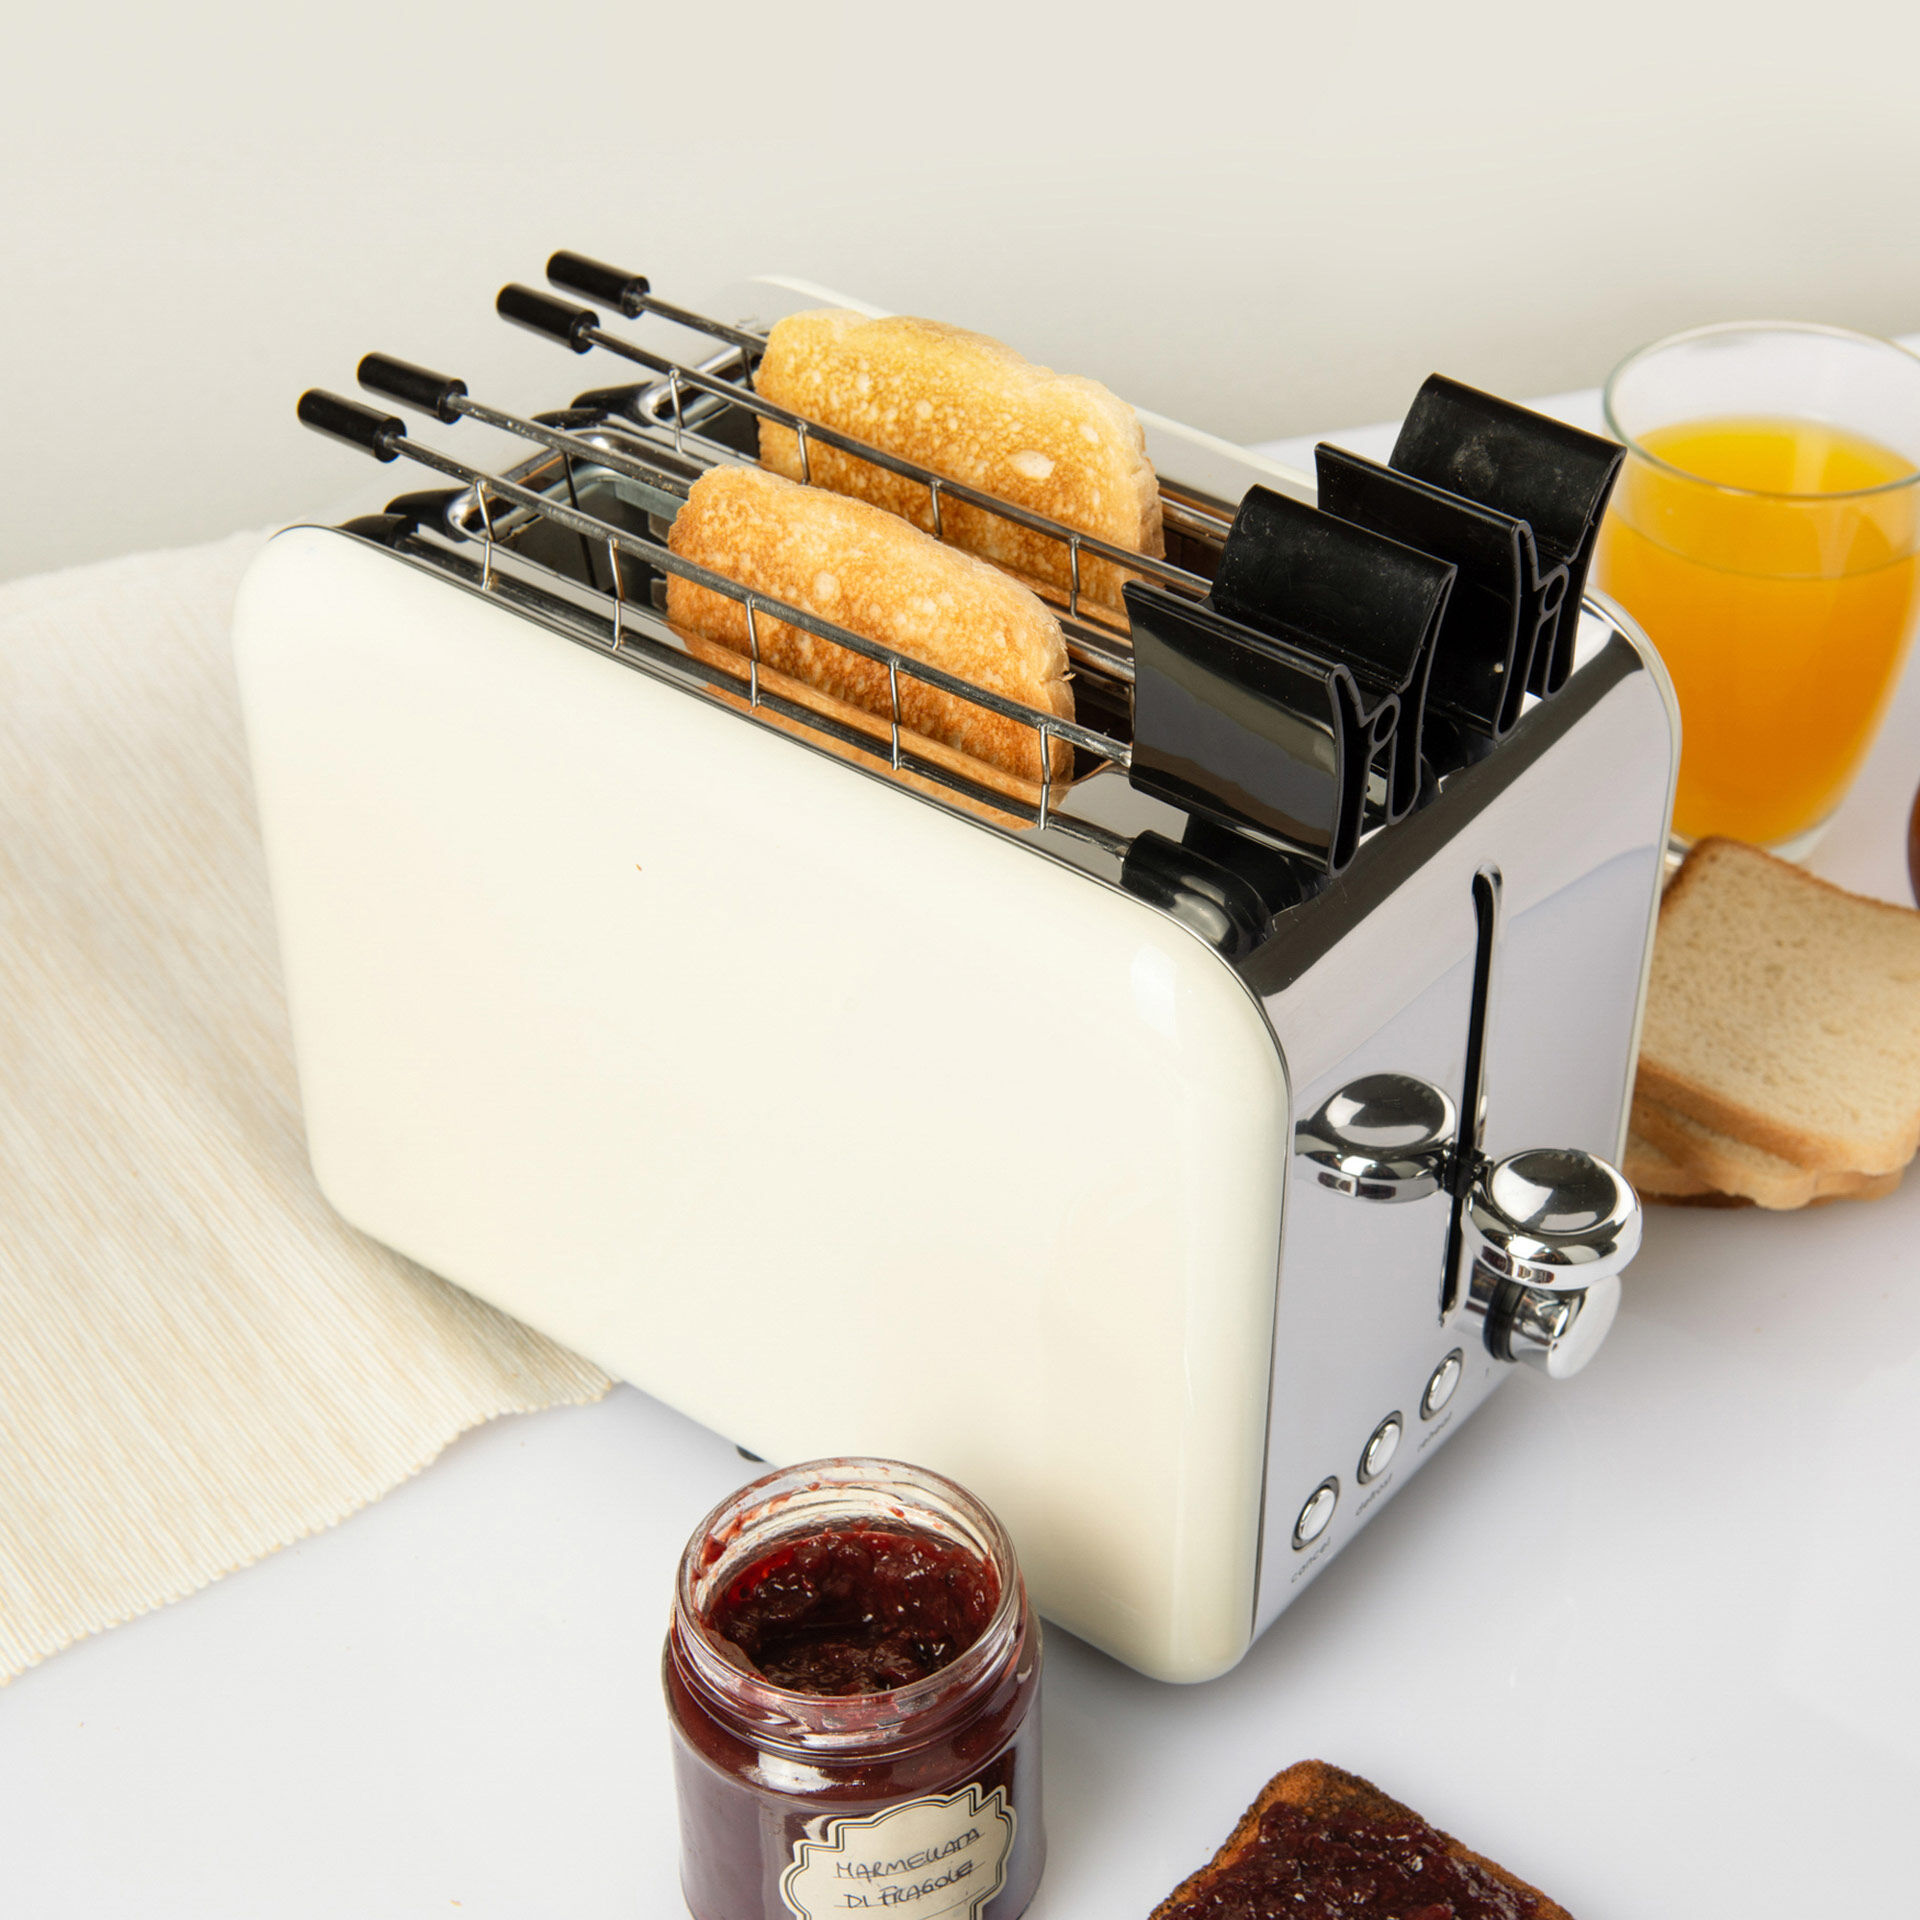 Grille-pain électrique avec ramasse-miettes amovible, , large